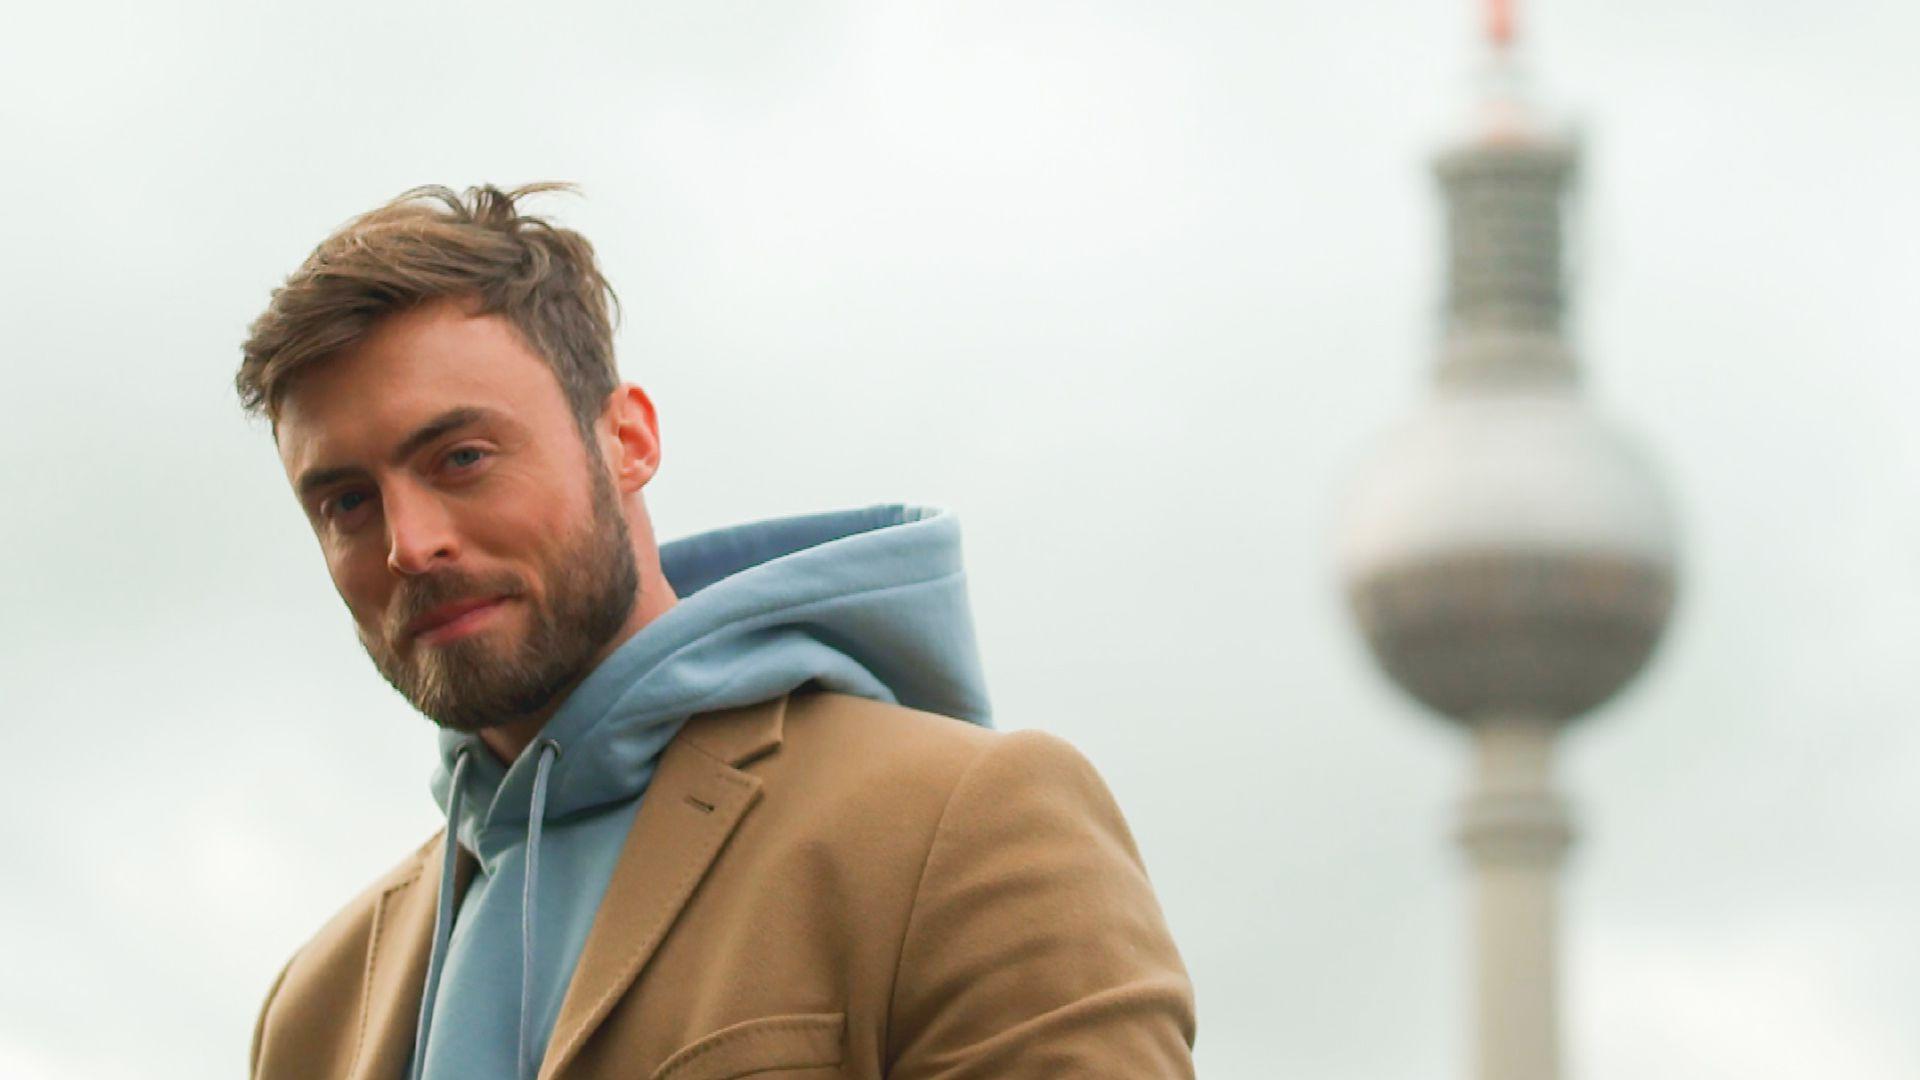 Fans genervt: Bachelor Niko datet immer nur dieselben Girls - Promiflash.de